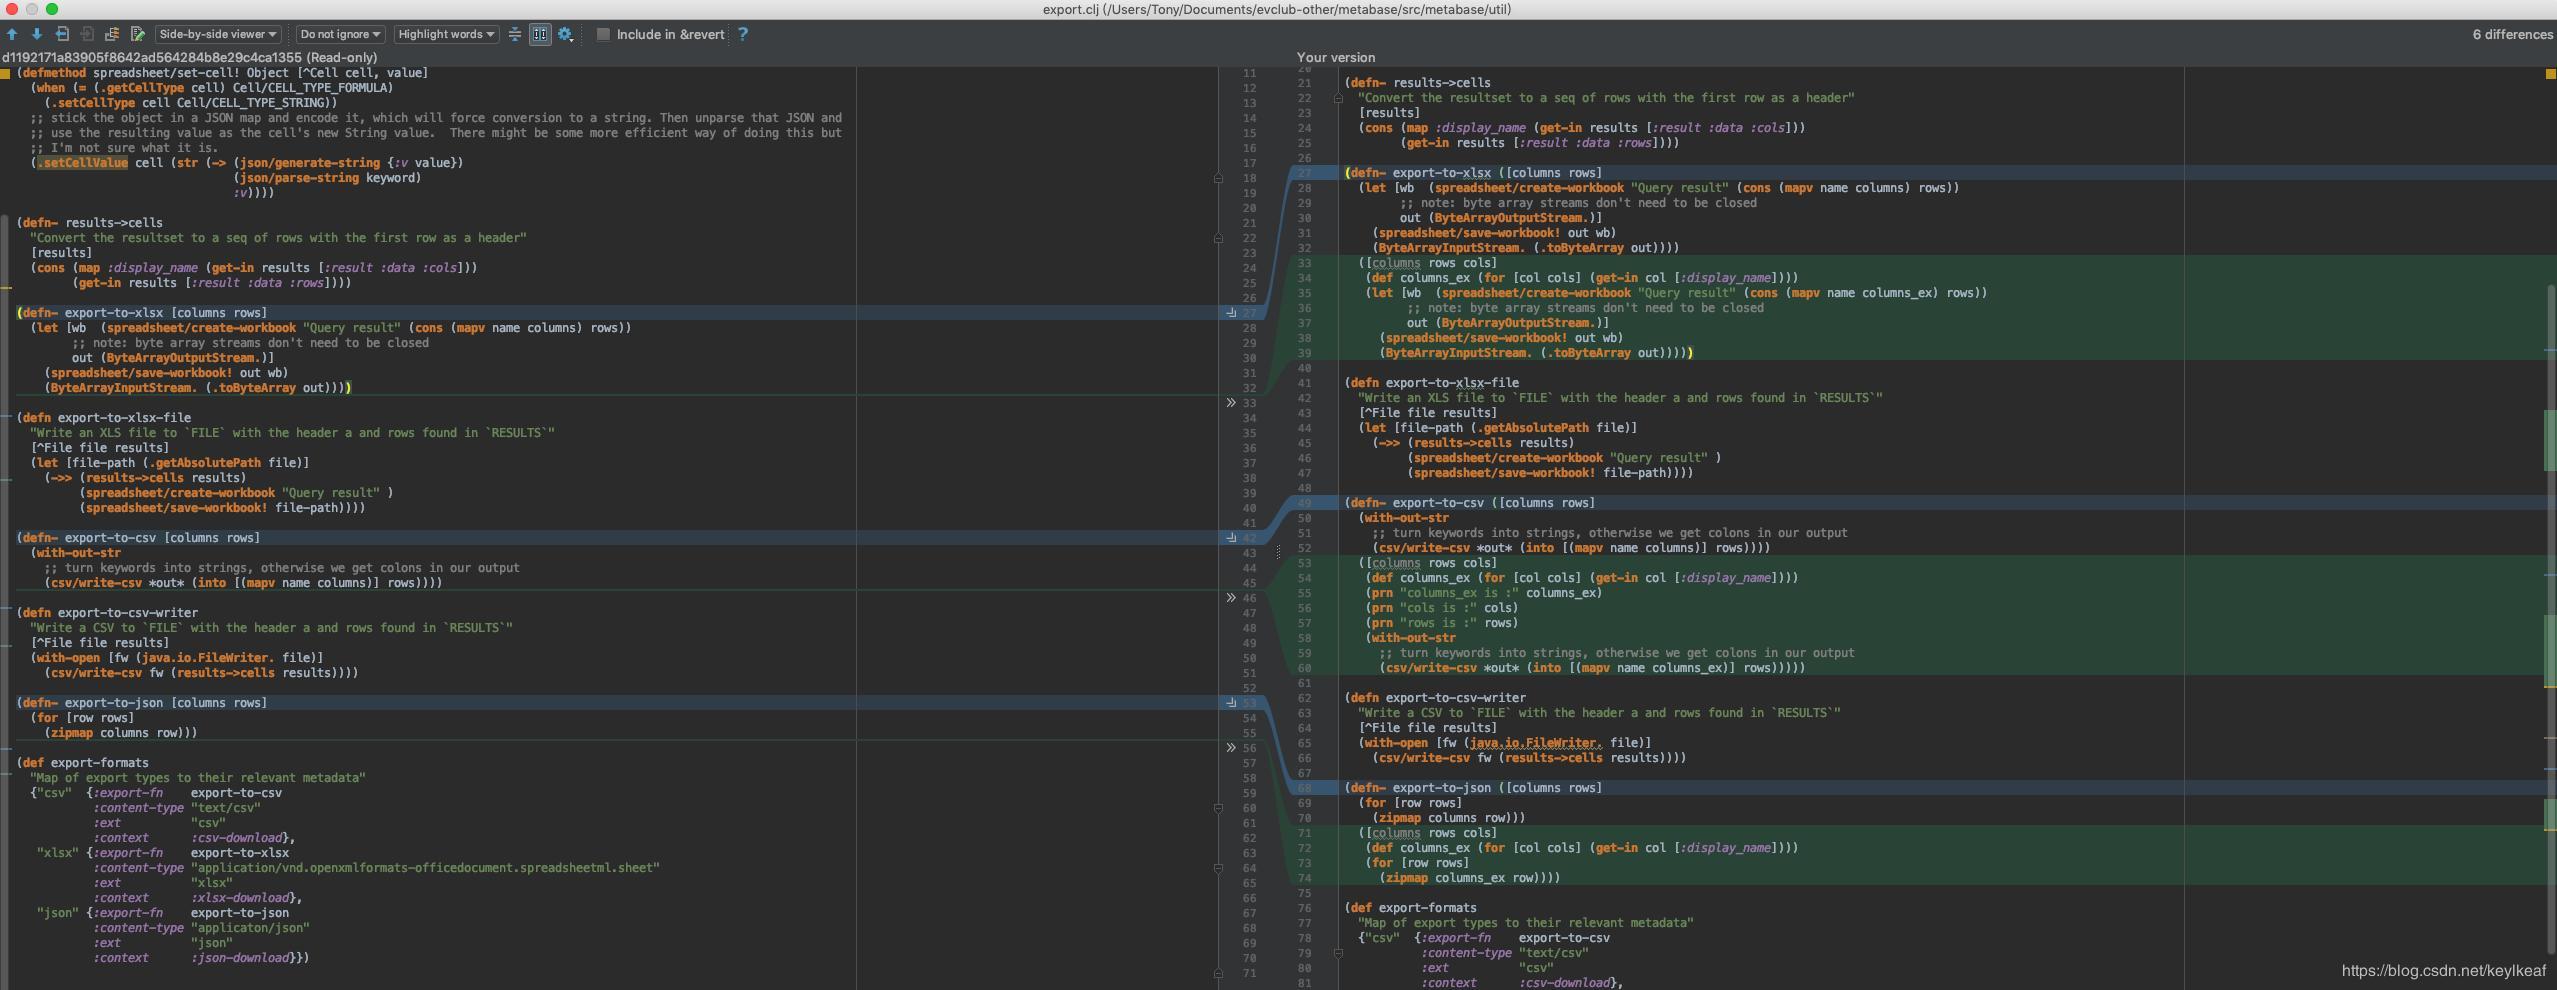 Metabase custom development - Programmer Sought